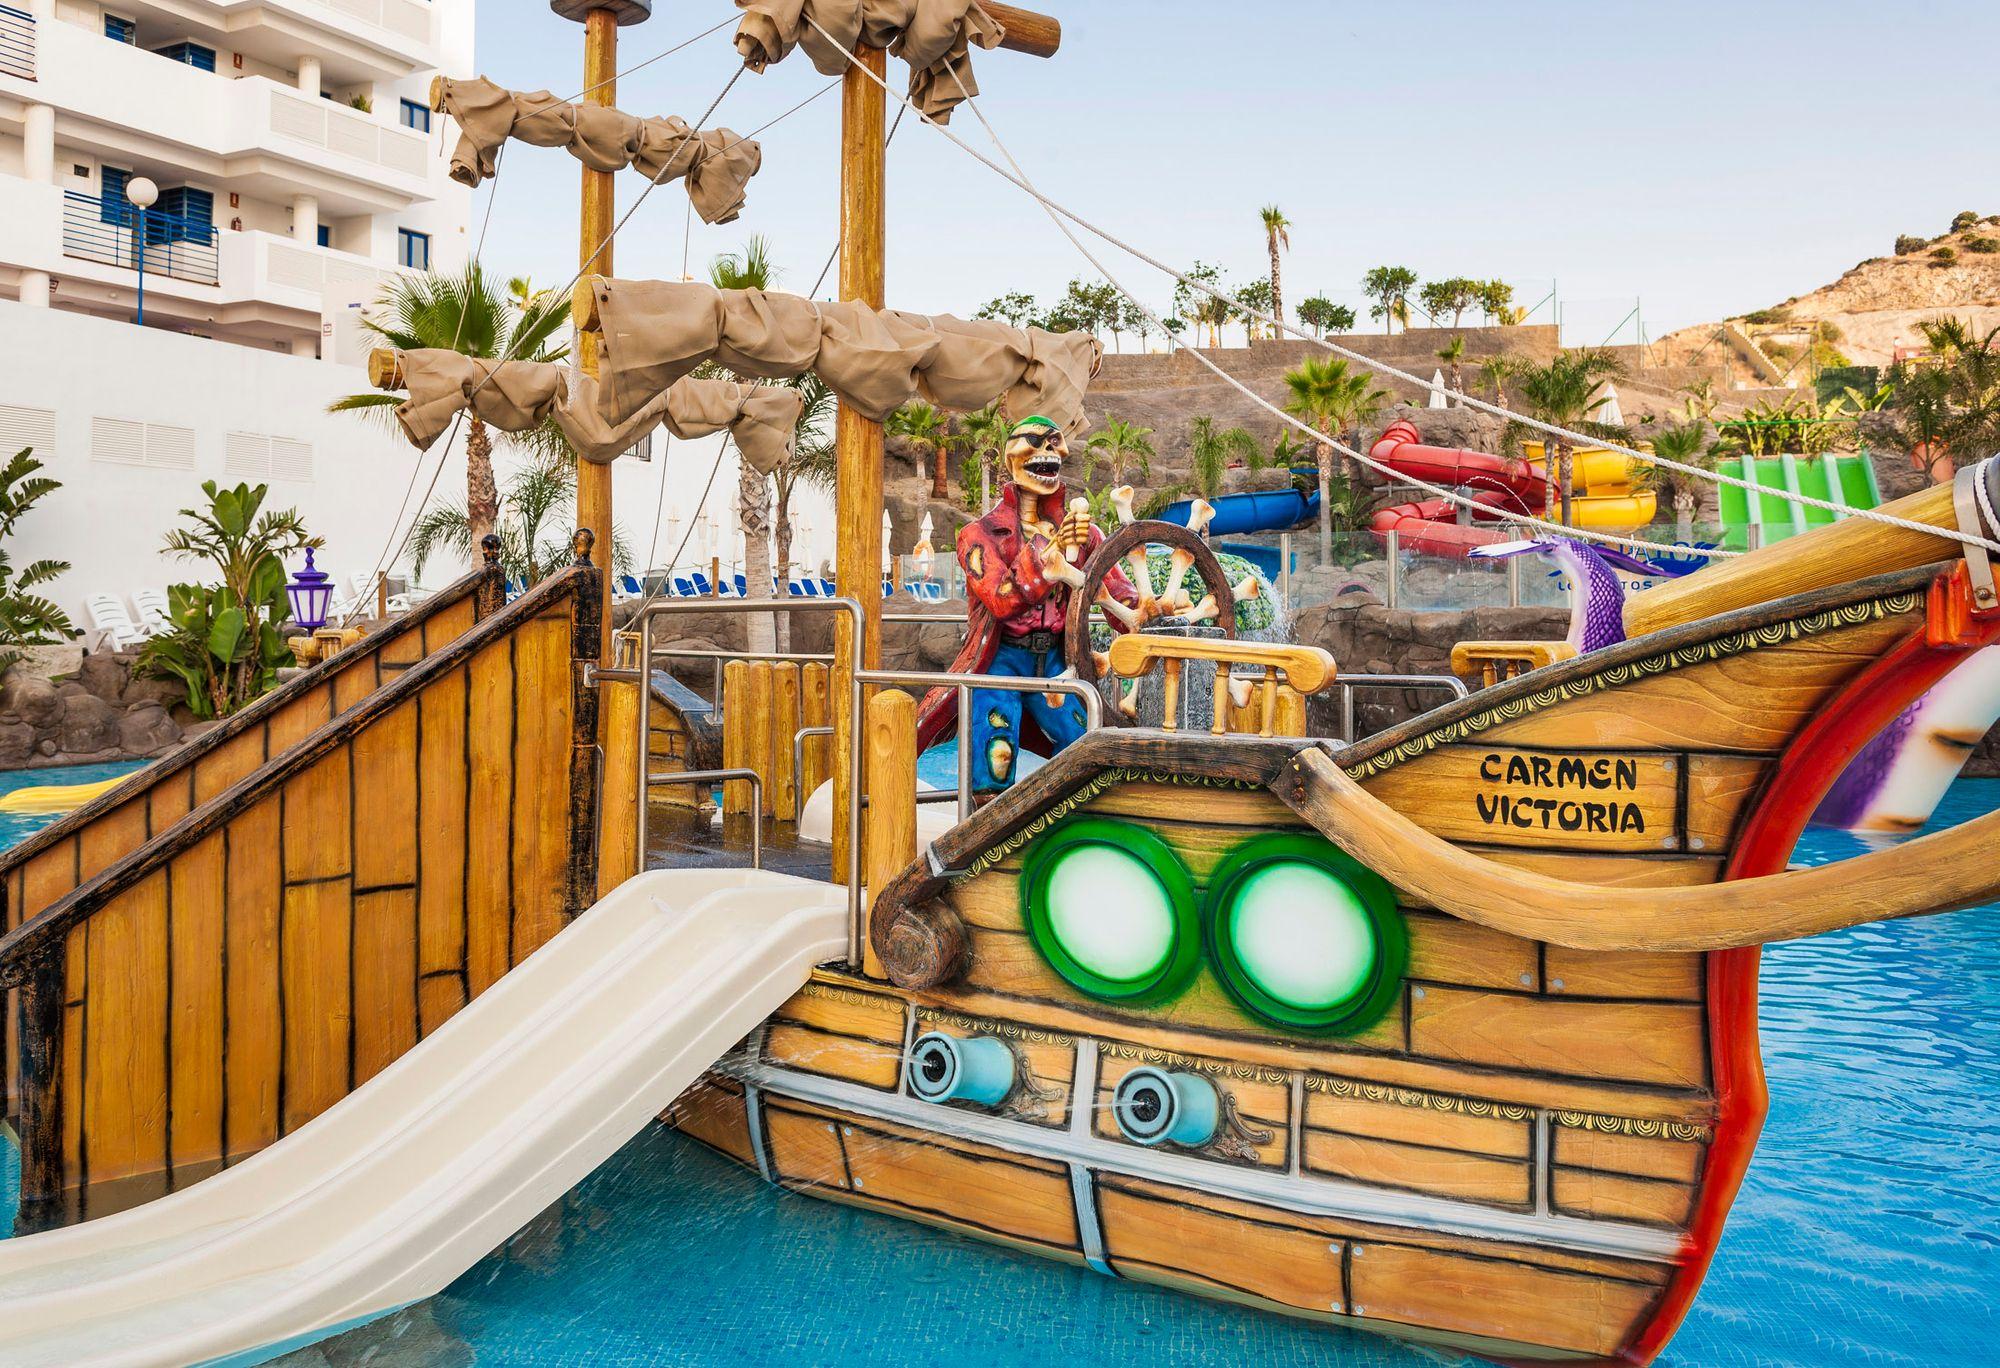 Water Slides For Our Little Ones At Globales Los Patos Park Toboganes Para Los Más Peques En Nuestro Hotel Globales Los Patos Par Parque Acuatico Hotel Hoteles